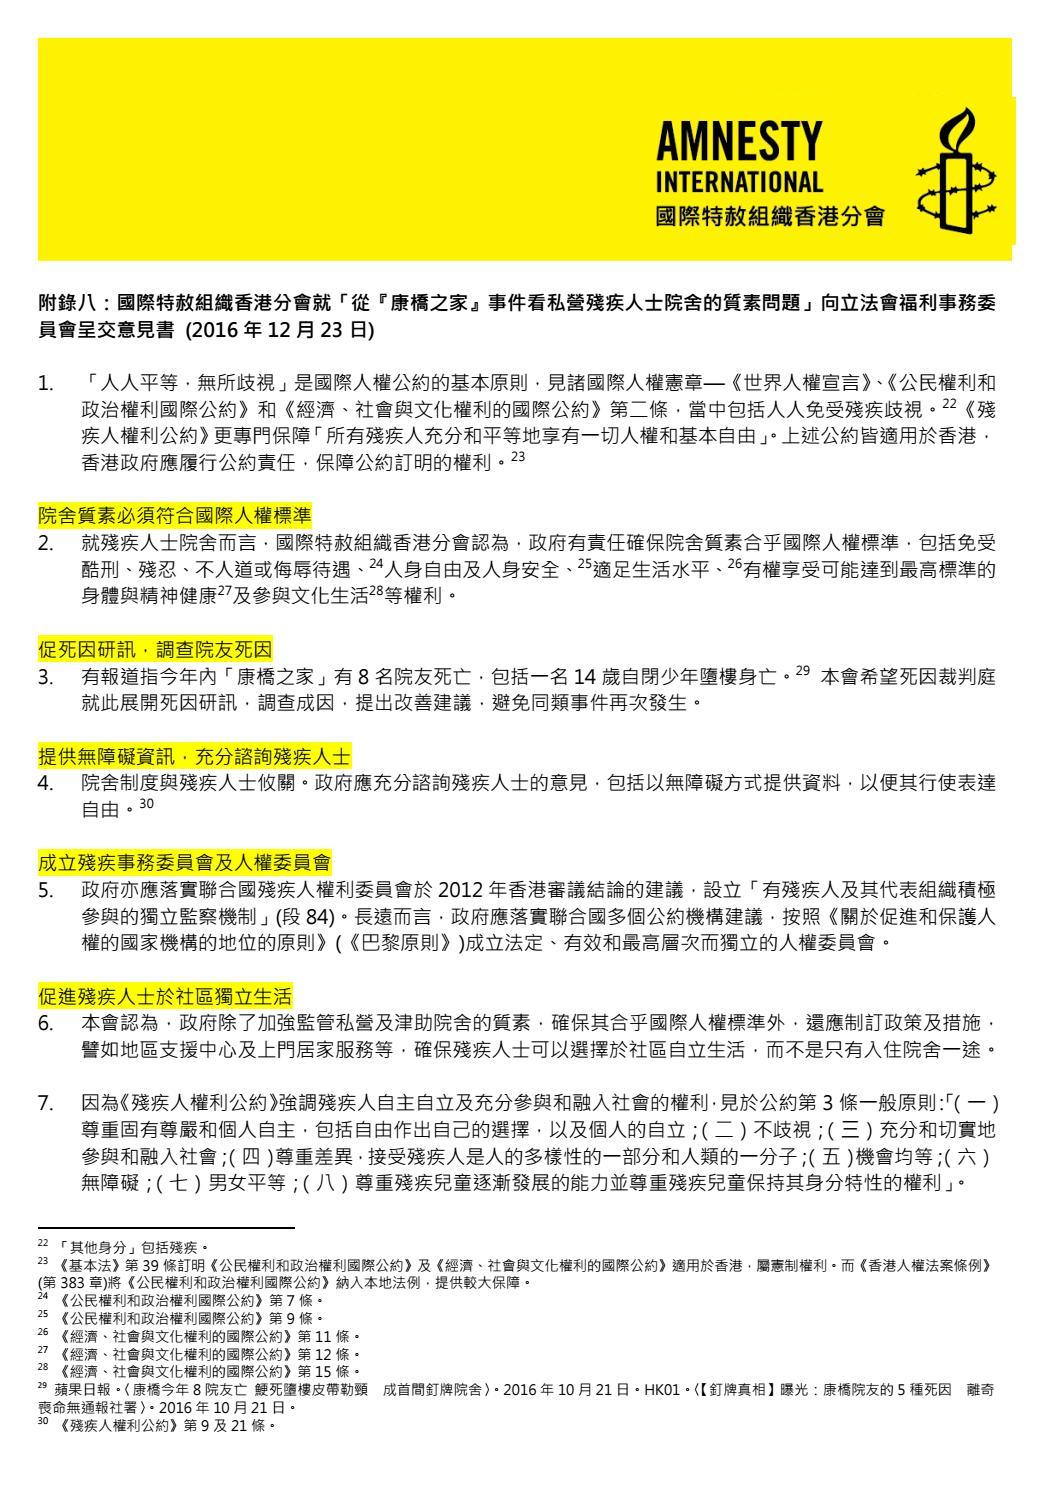 2016年度香港人權狀況報告 by Amnesty International Hong Kong - Issuu